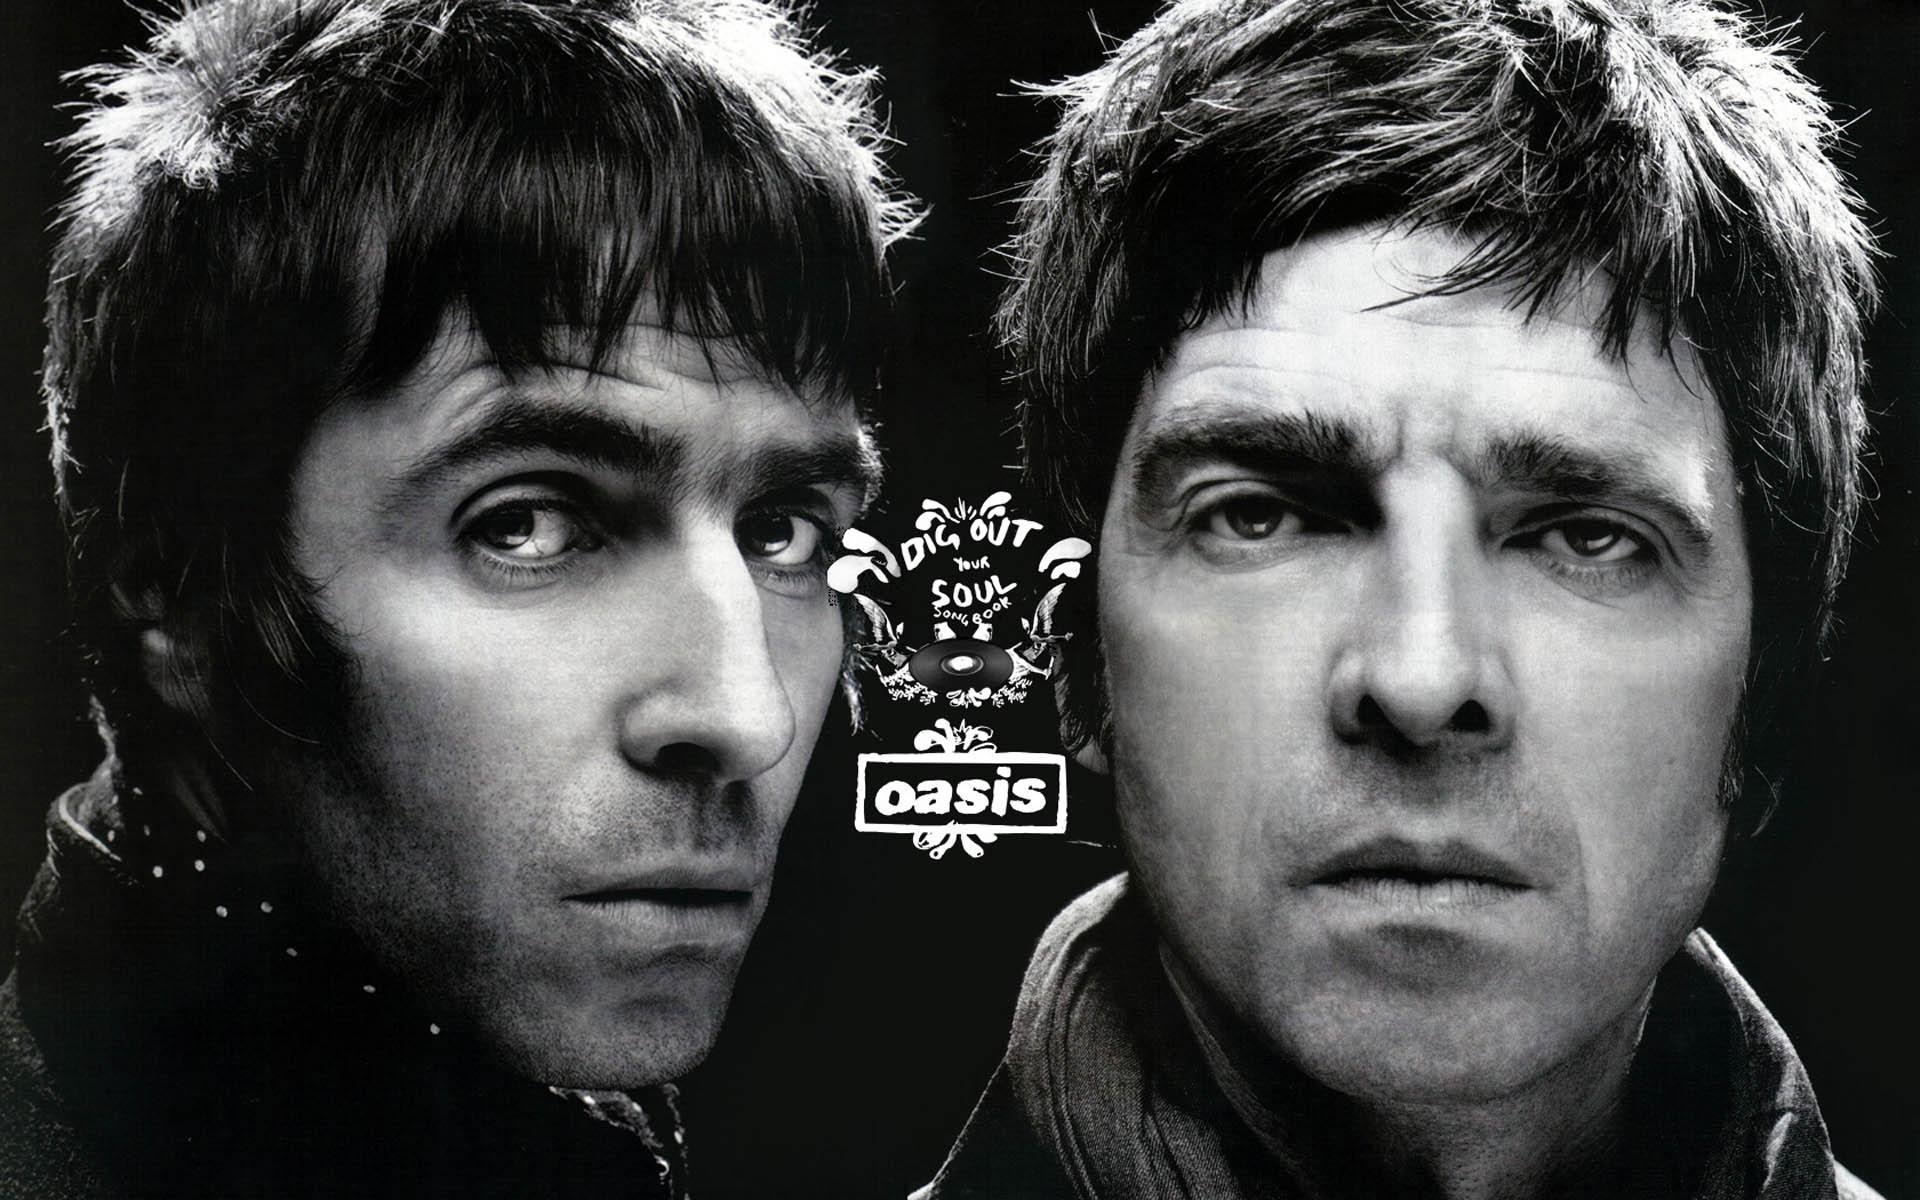 Oasis 绿洲乐队黑色壁纸